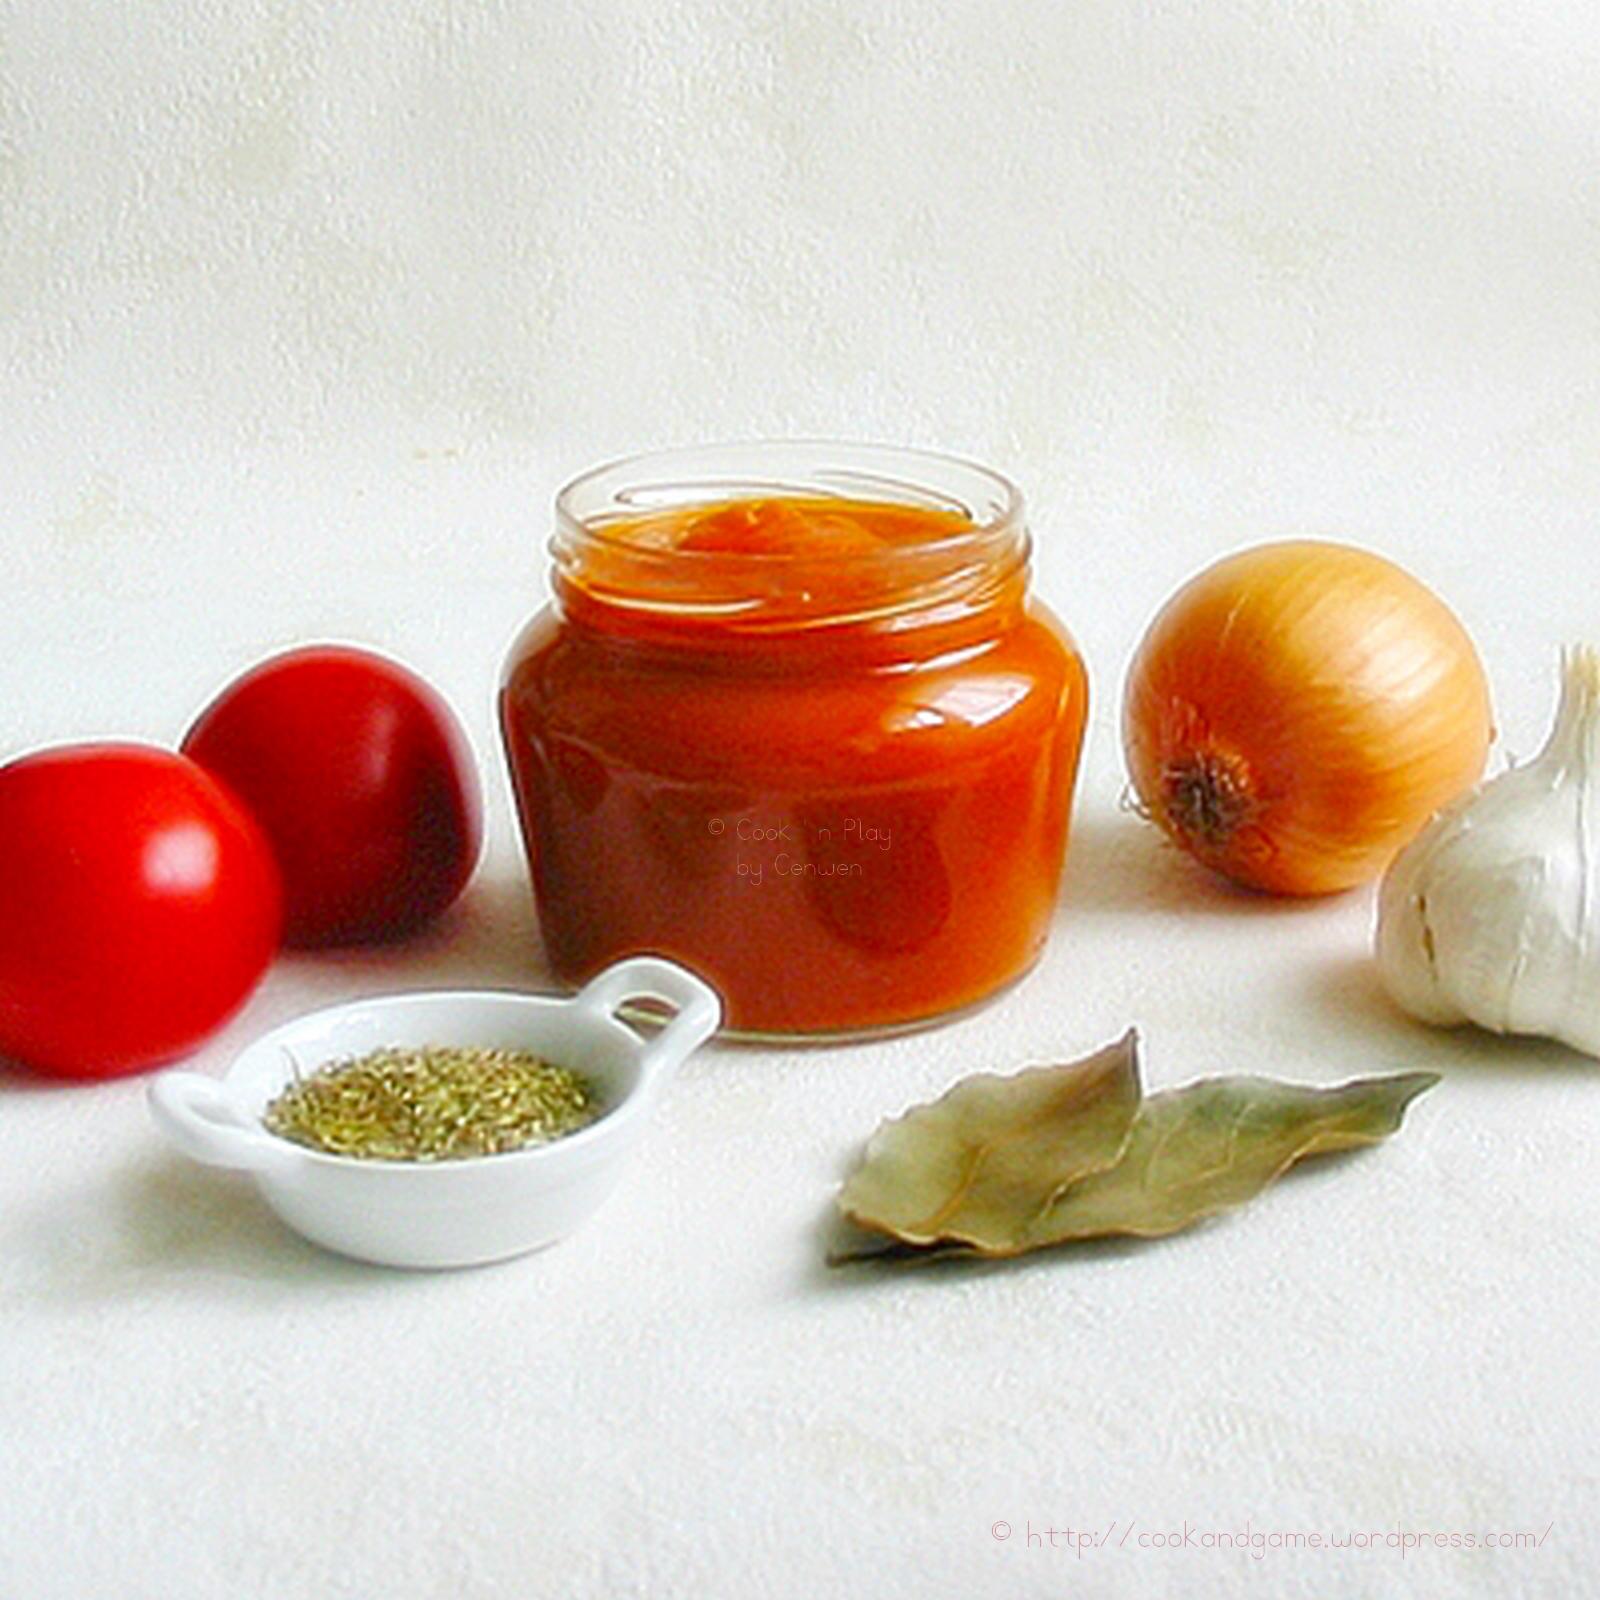 Cook n play la cuisine des anges - Soupe de tomate maison ...